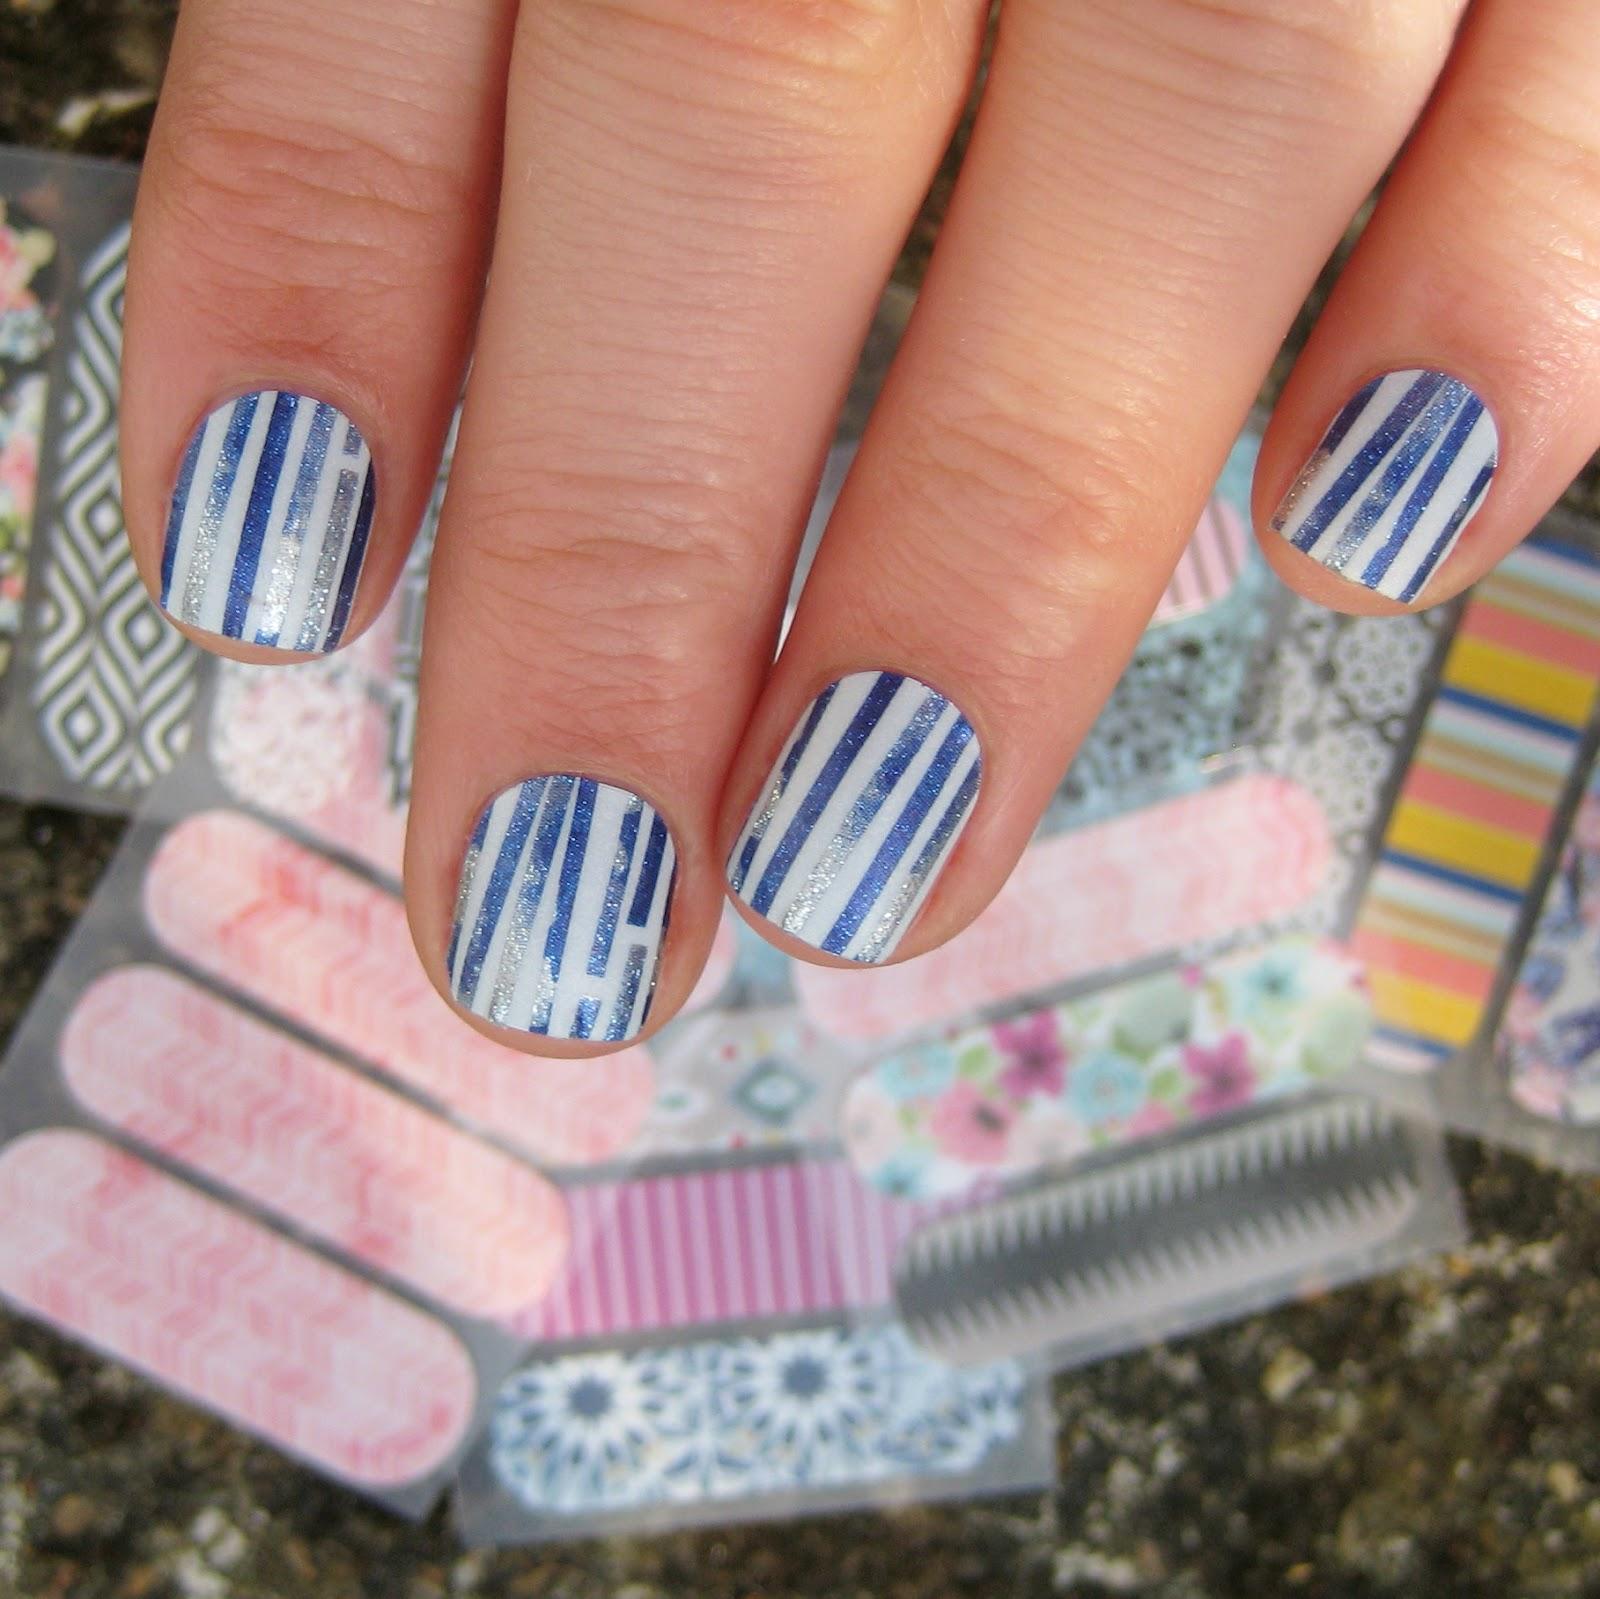 Dahlia Nails: Jamberry Nail Wraps